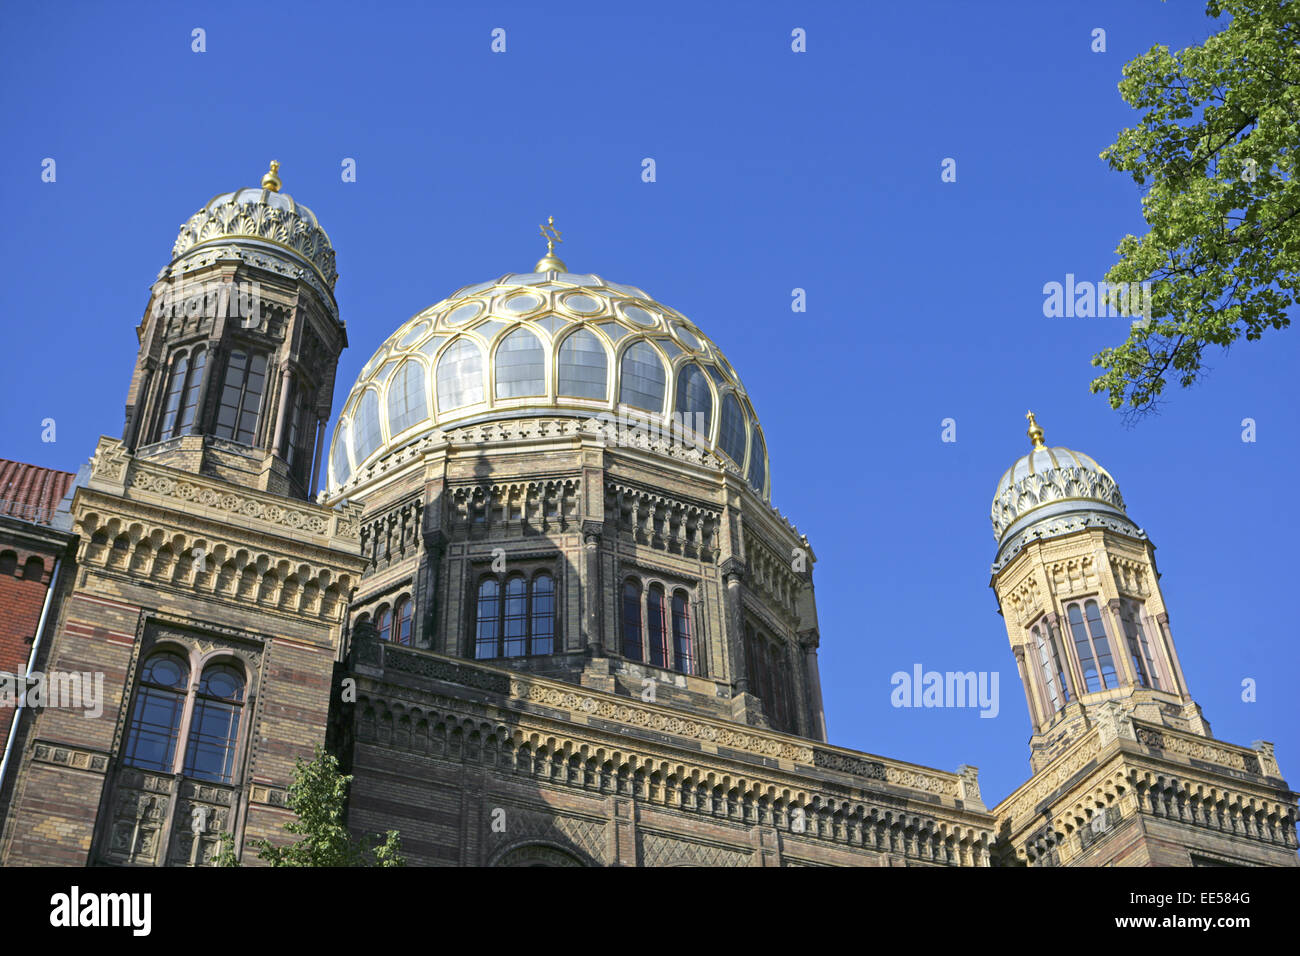 Deutschland, Berlin, Europa, Hauptstadt, Stadt, Sehenswuerdigkeit, Kuppel der neuen Synagoge, Architektur, Aussenaufnahme, - Stock Image